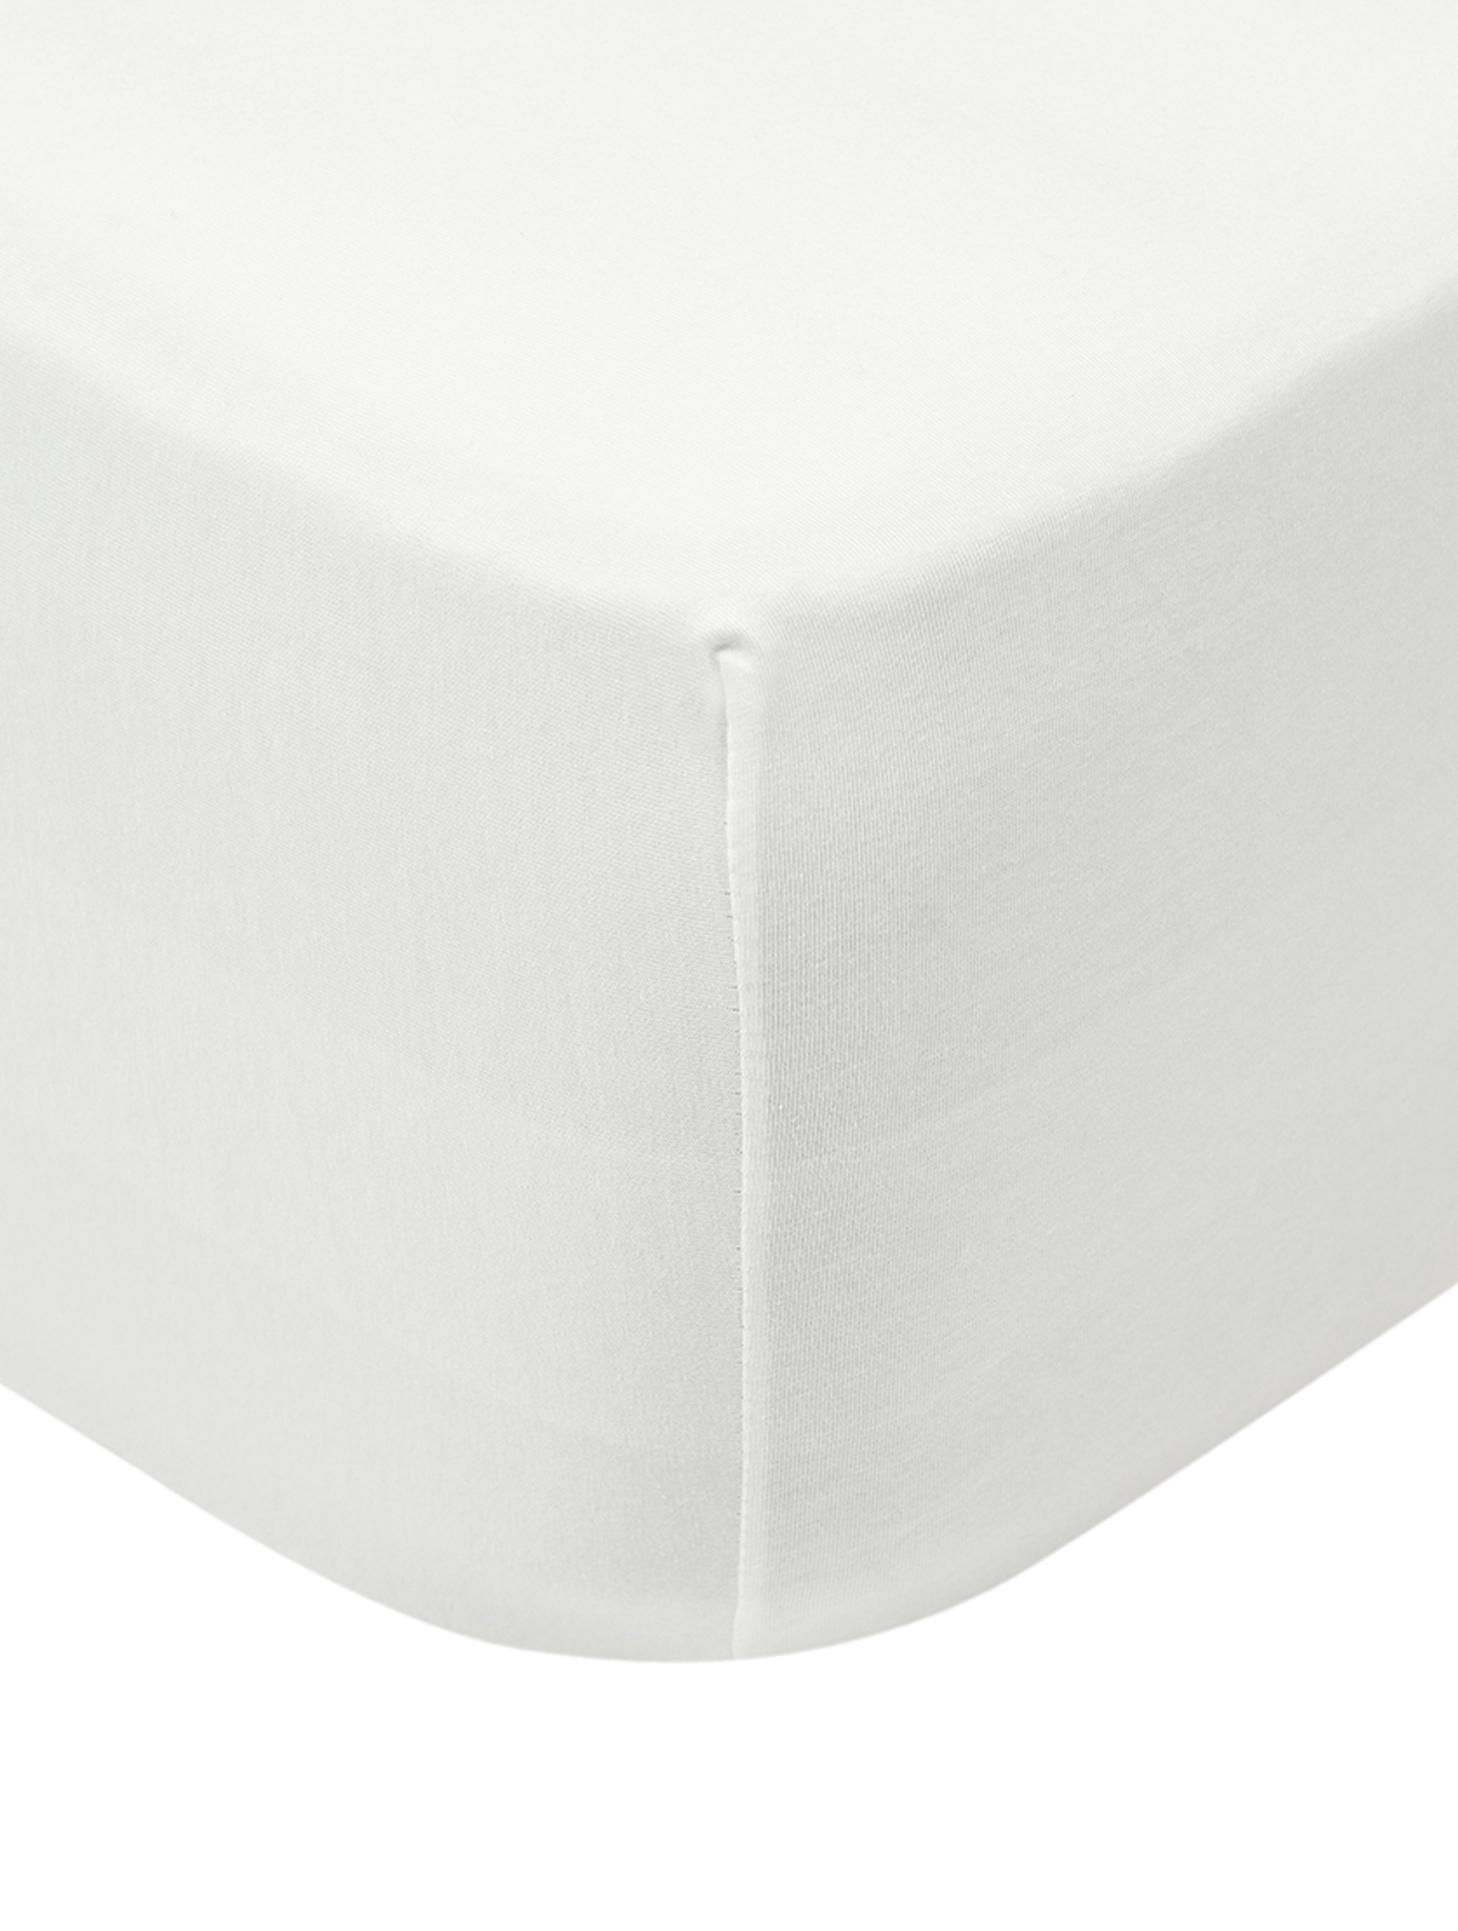 Topper-Spannbettlaken Lara, Jersey-Elasthan, 95% Baumwolle, 5% Elasthan, Cremefarben, 180 x 200 cm